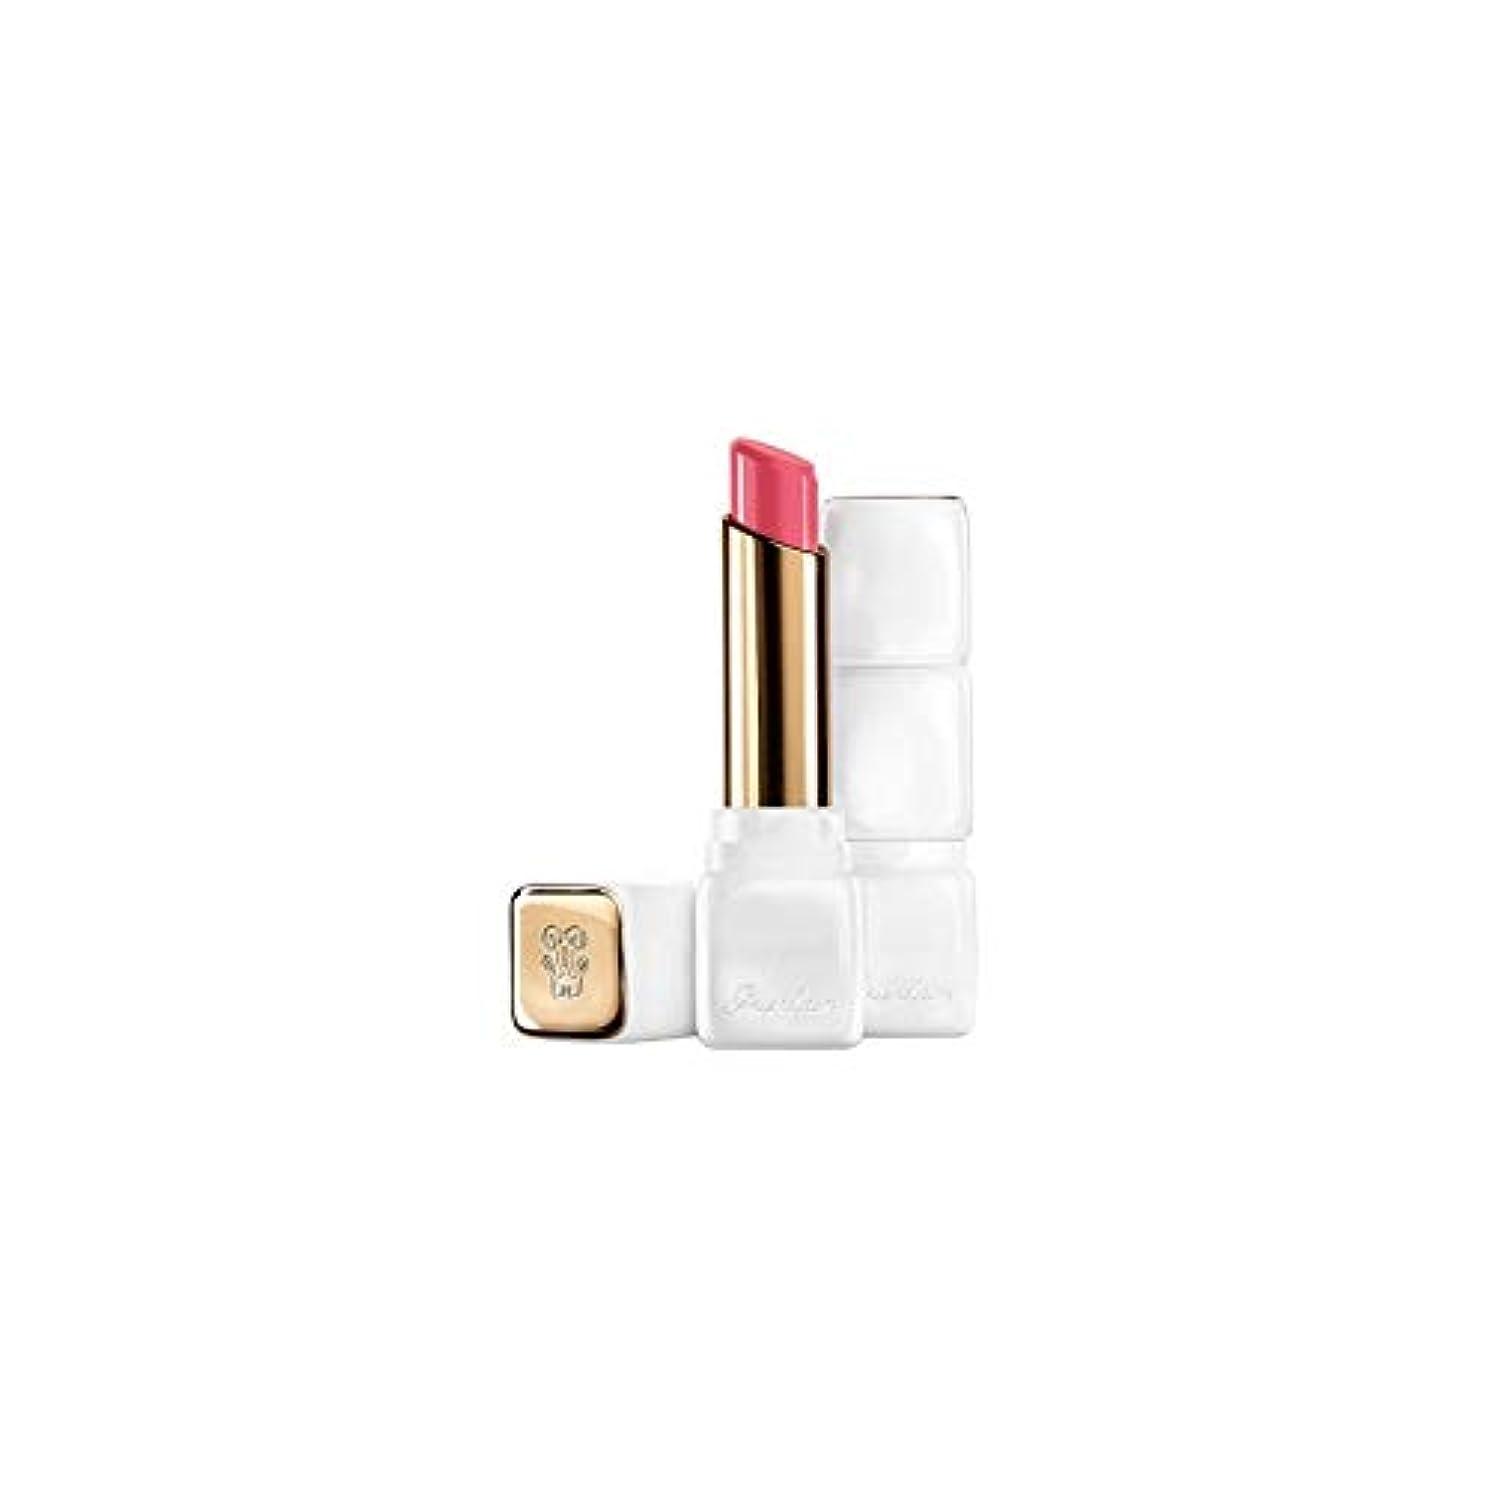 眼起きる合理化ゲラン KissKiss Roselip Hydrating & Plumping Tinted Lip Balm - #R373 Pink Me Up 2.8g/0.09oz並行輸入品